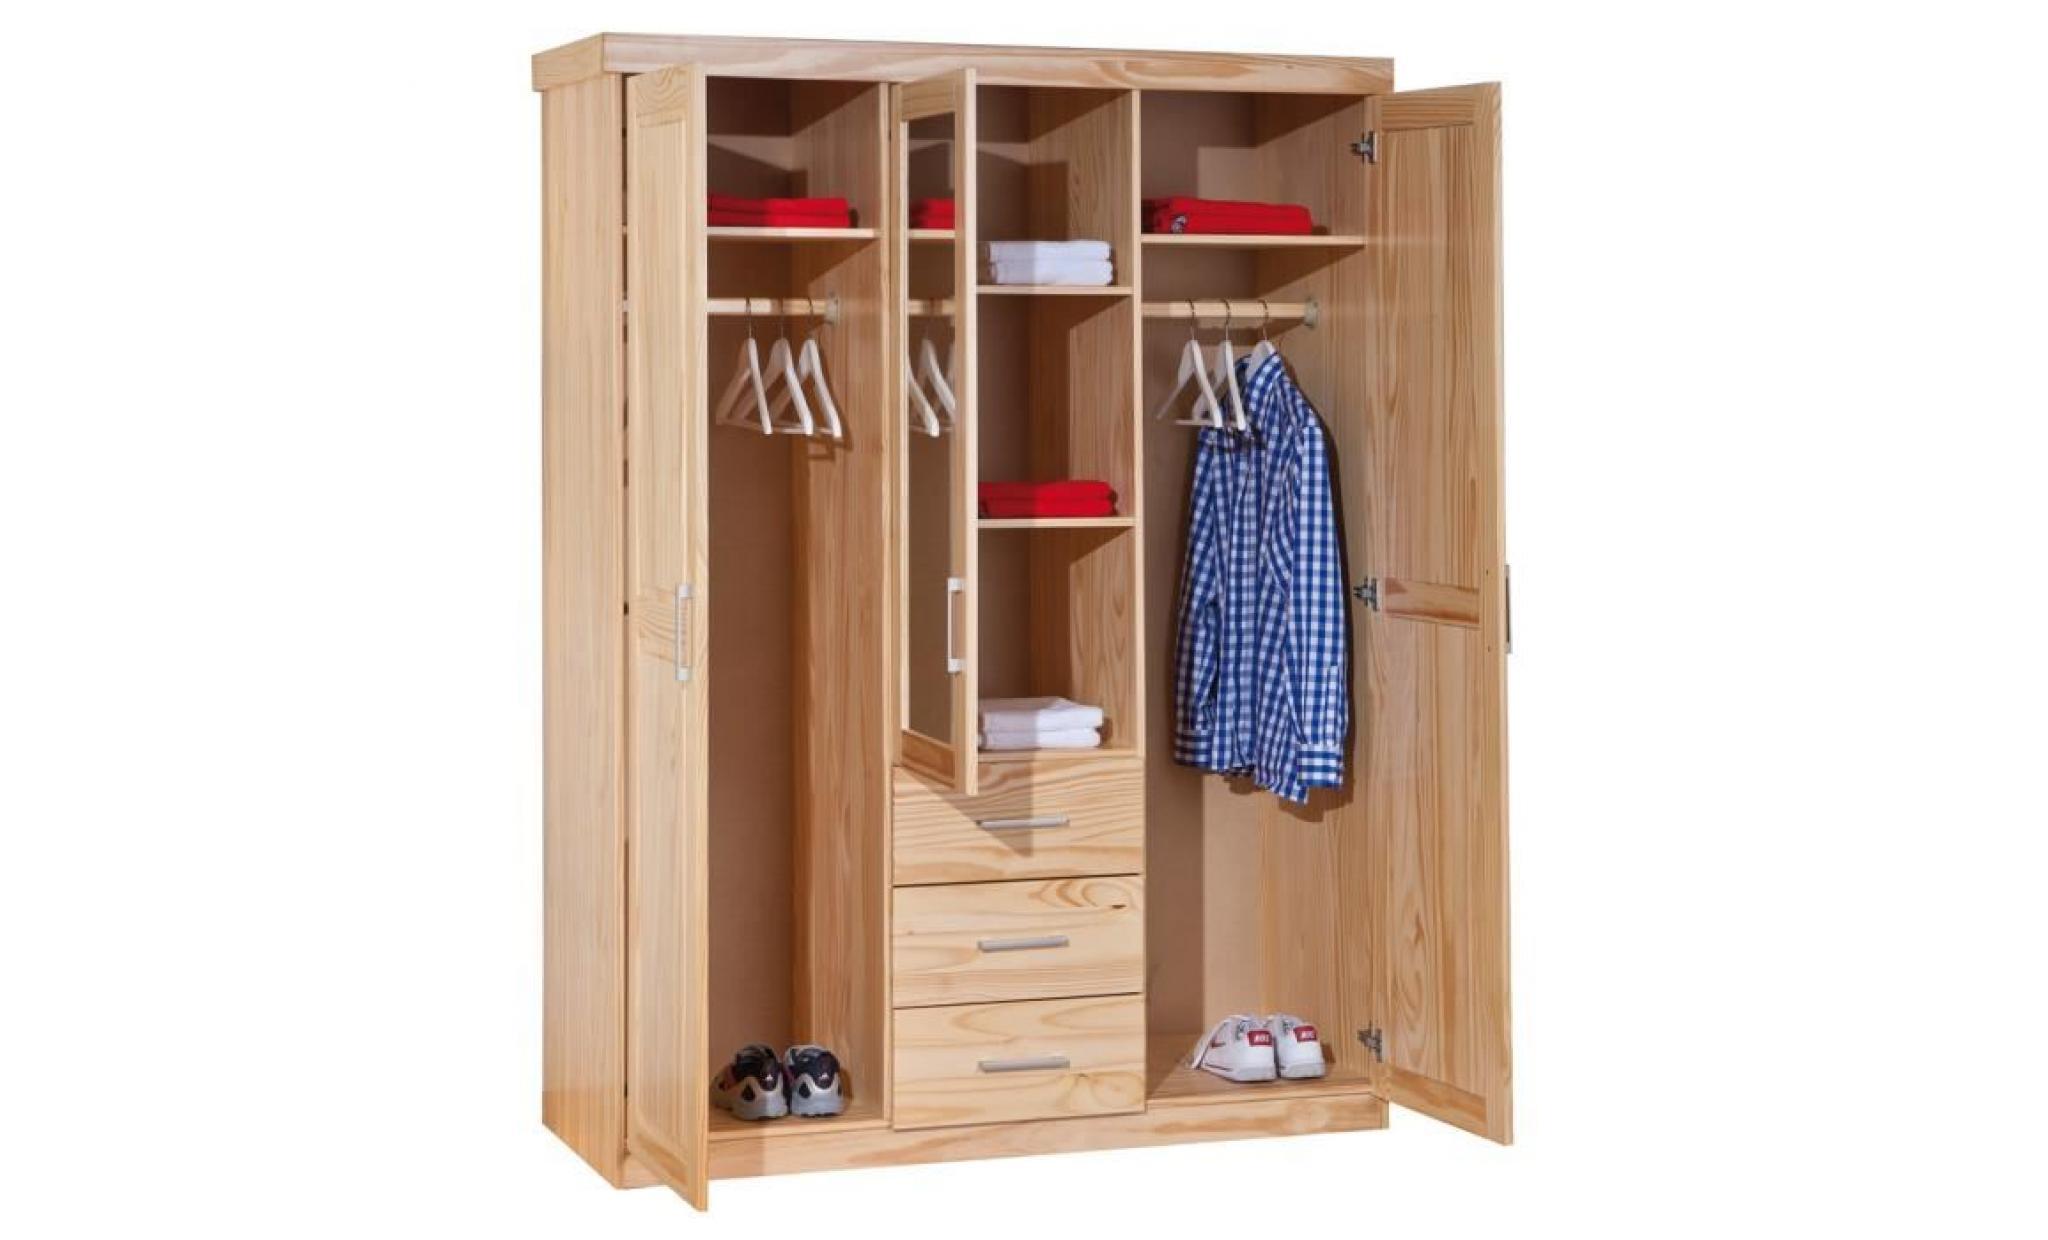 armoire 3 portes miroir et tiroirs en pin massif achat vente armoire de chambre pas cher. Black Bedroom Furniture Sets. Home Design Ideas